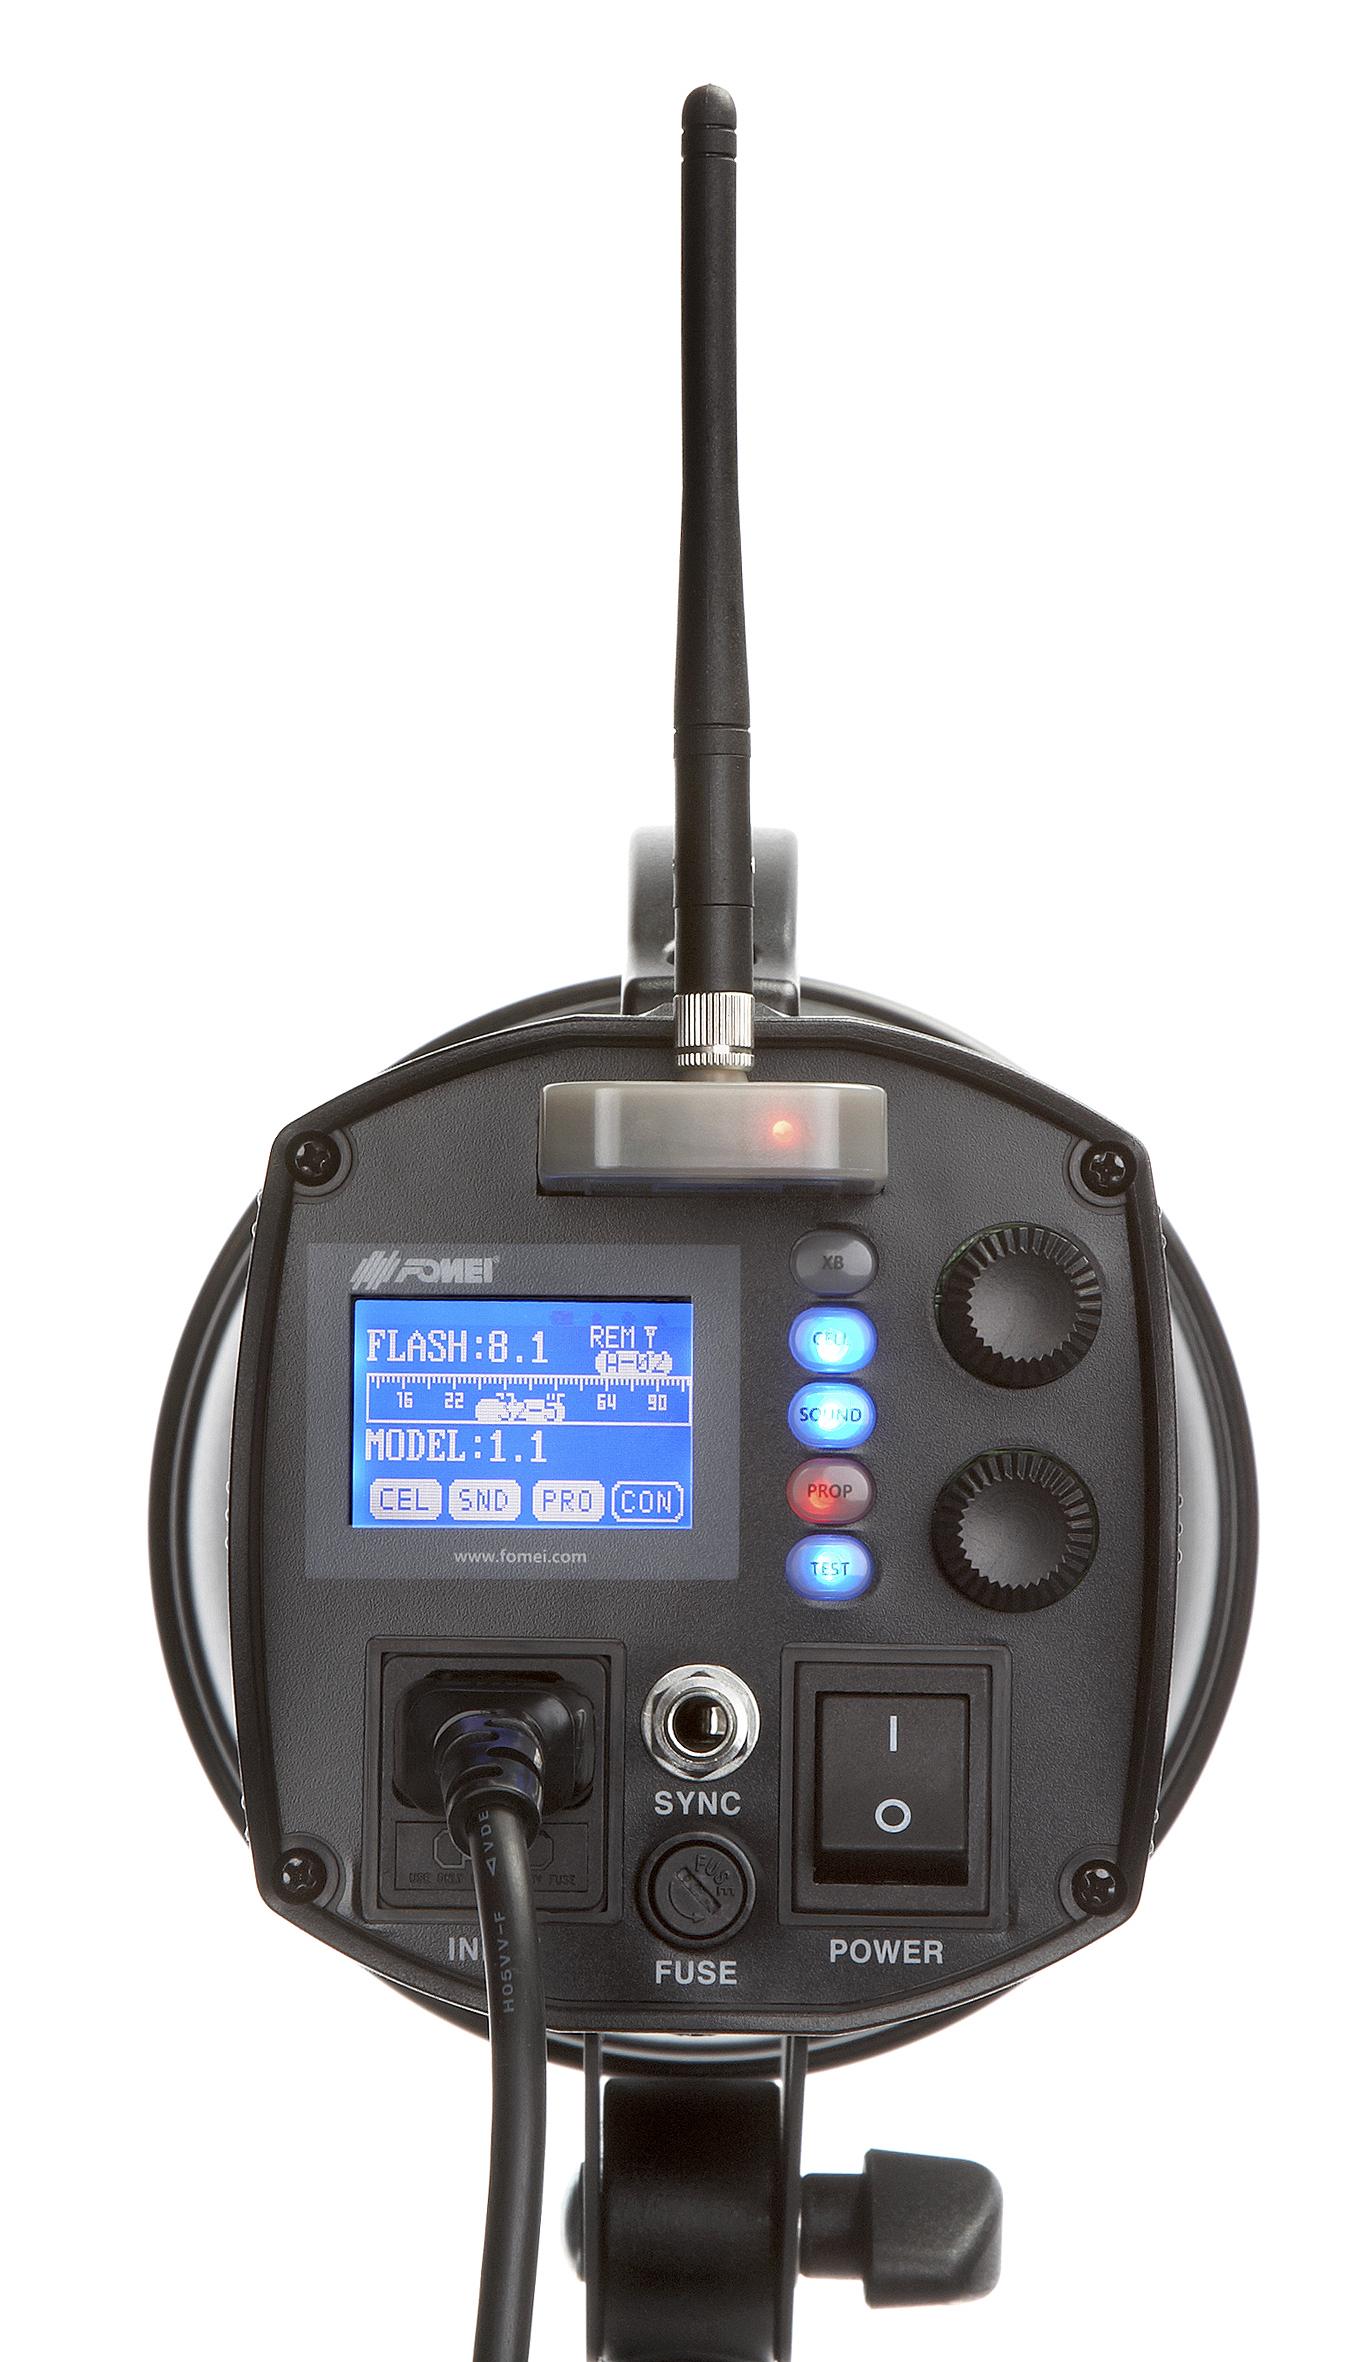 Lampa FOMEI Digital PRO X 700